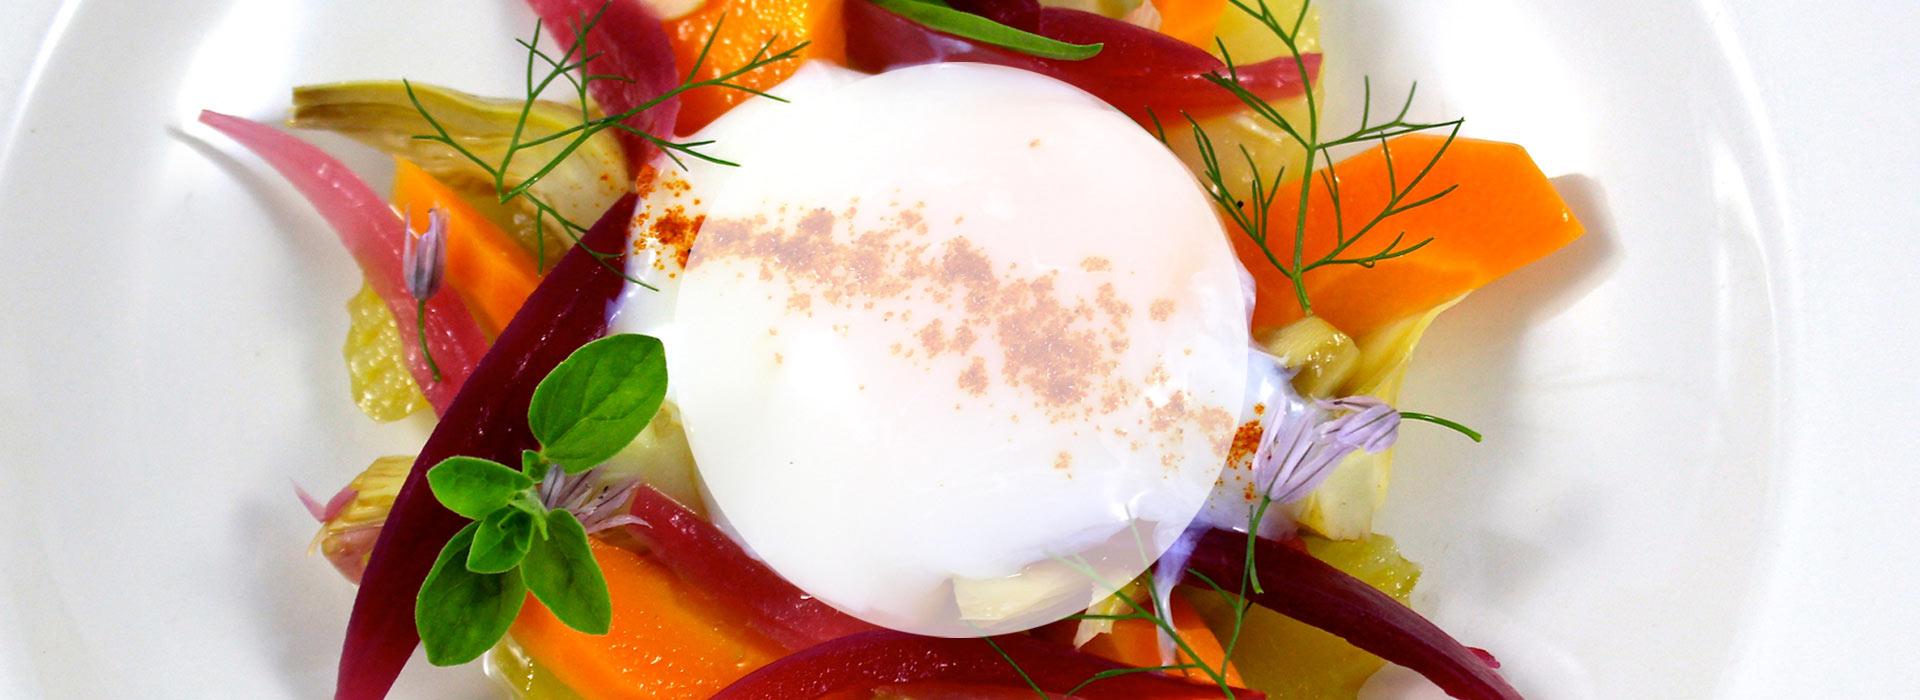 Ristorante-cucina-tradizionale-prodotti-orto-Toscana-Fair-Pistoia